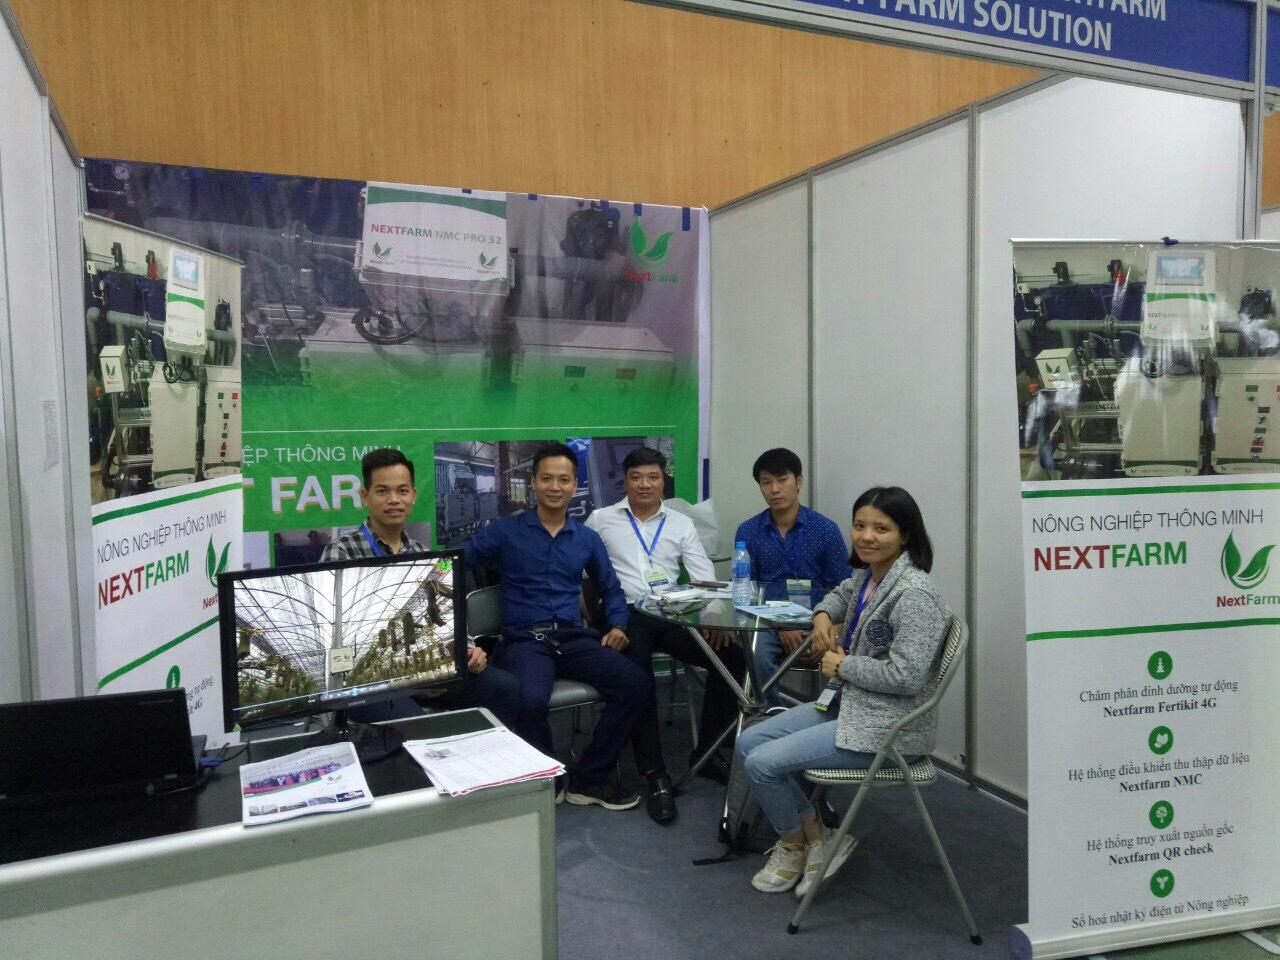 Nông nghiệp thông minh Nextfarm tại triển lãm Growtech Vietnam 2019